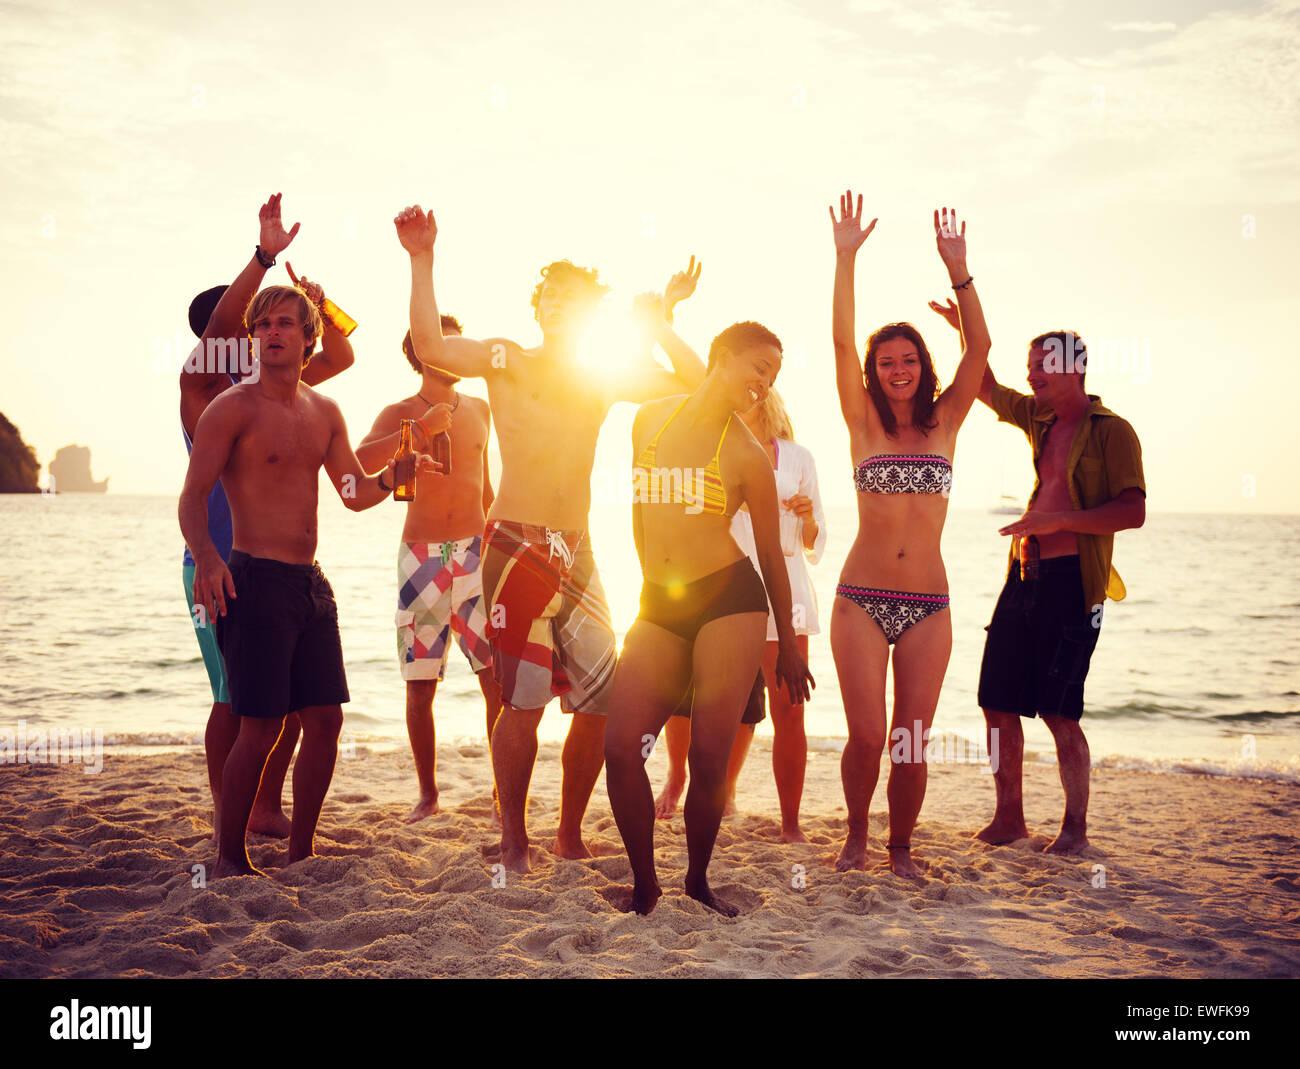 Grupo de personas fiesta en la playa. Imagen De Stock